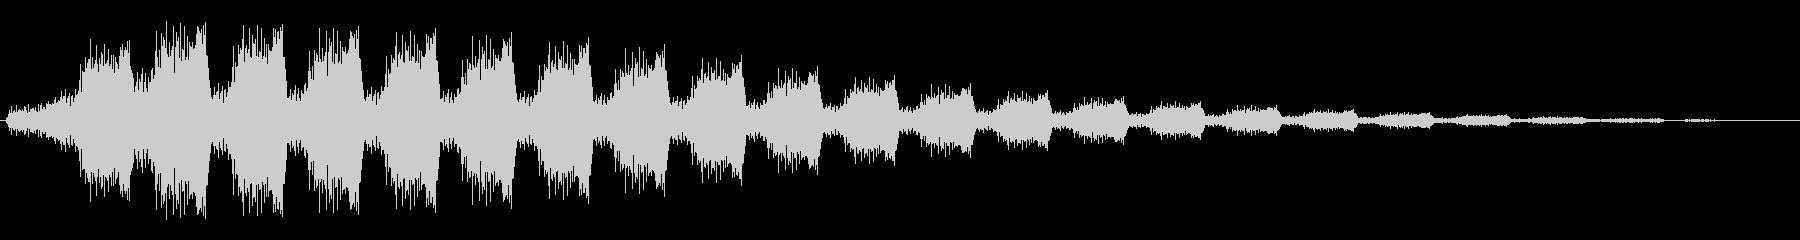 シュワワン(電波系)の未再生の波形